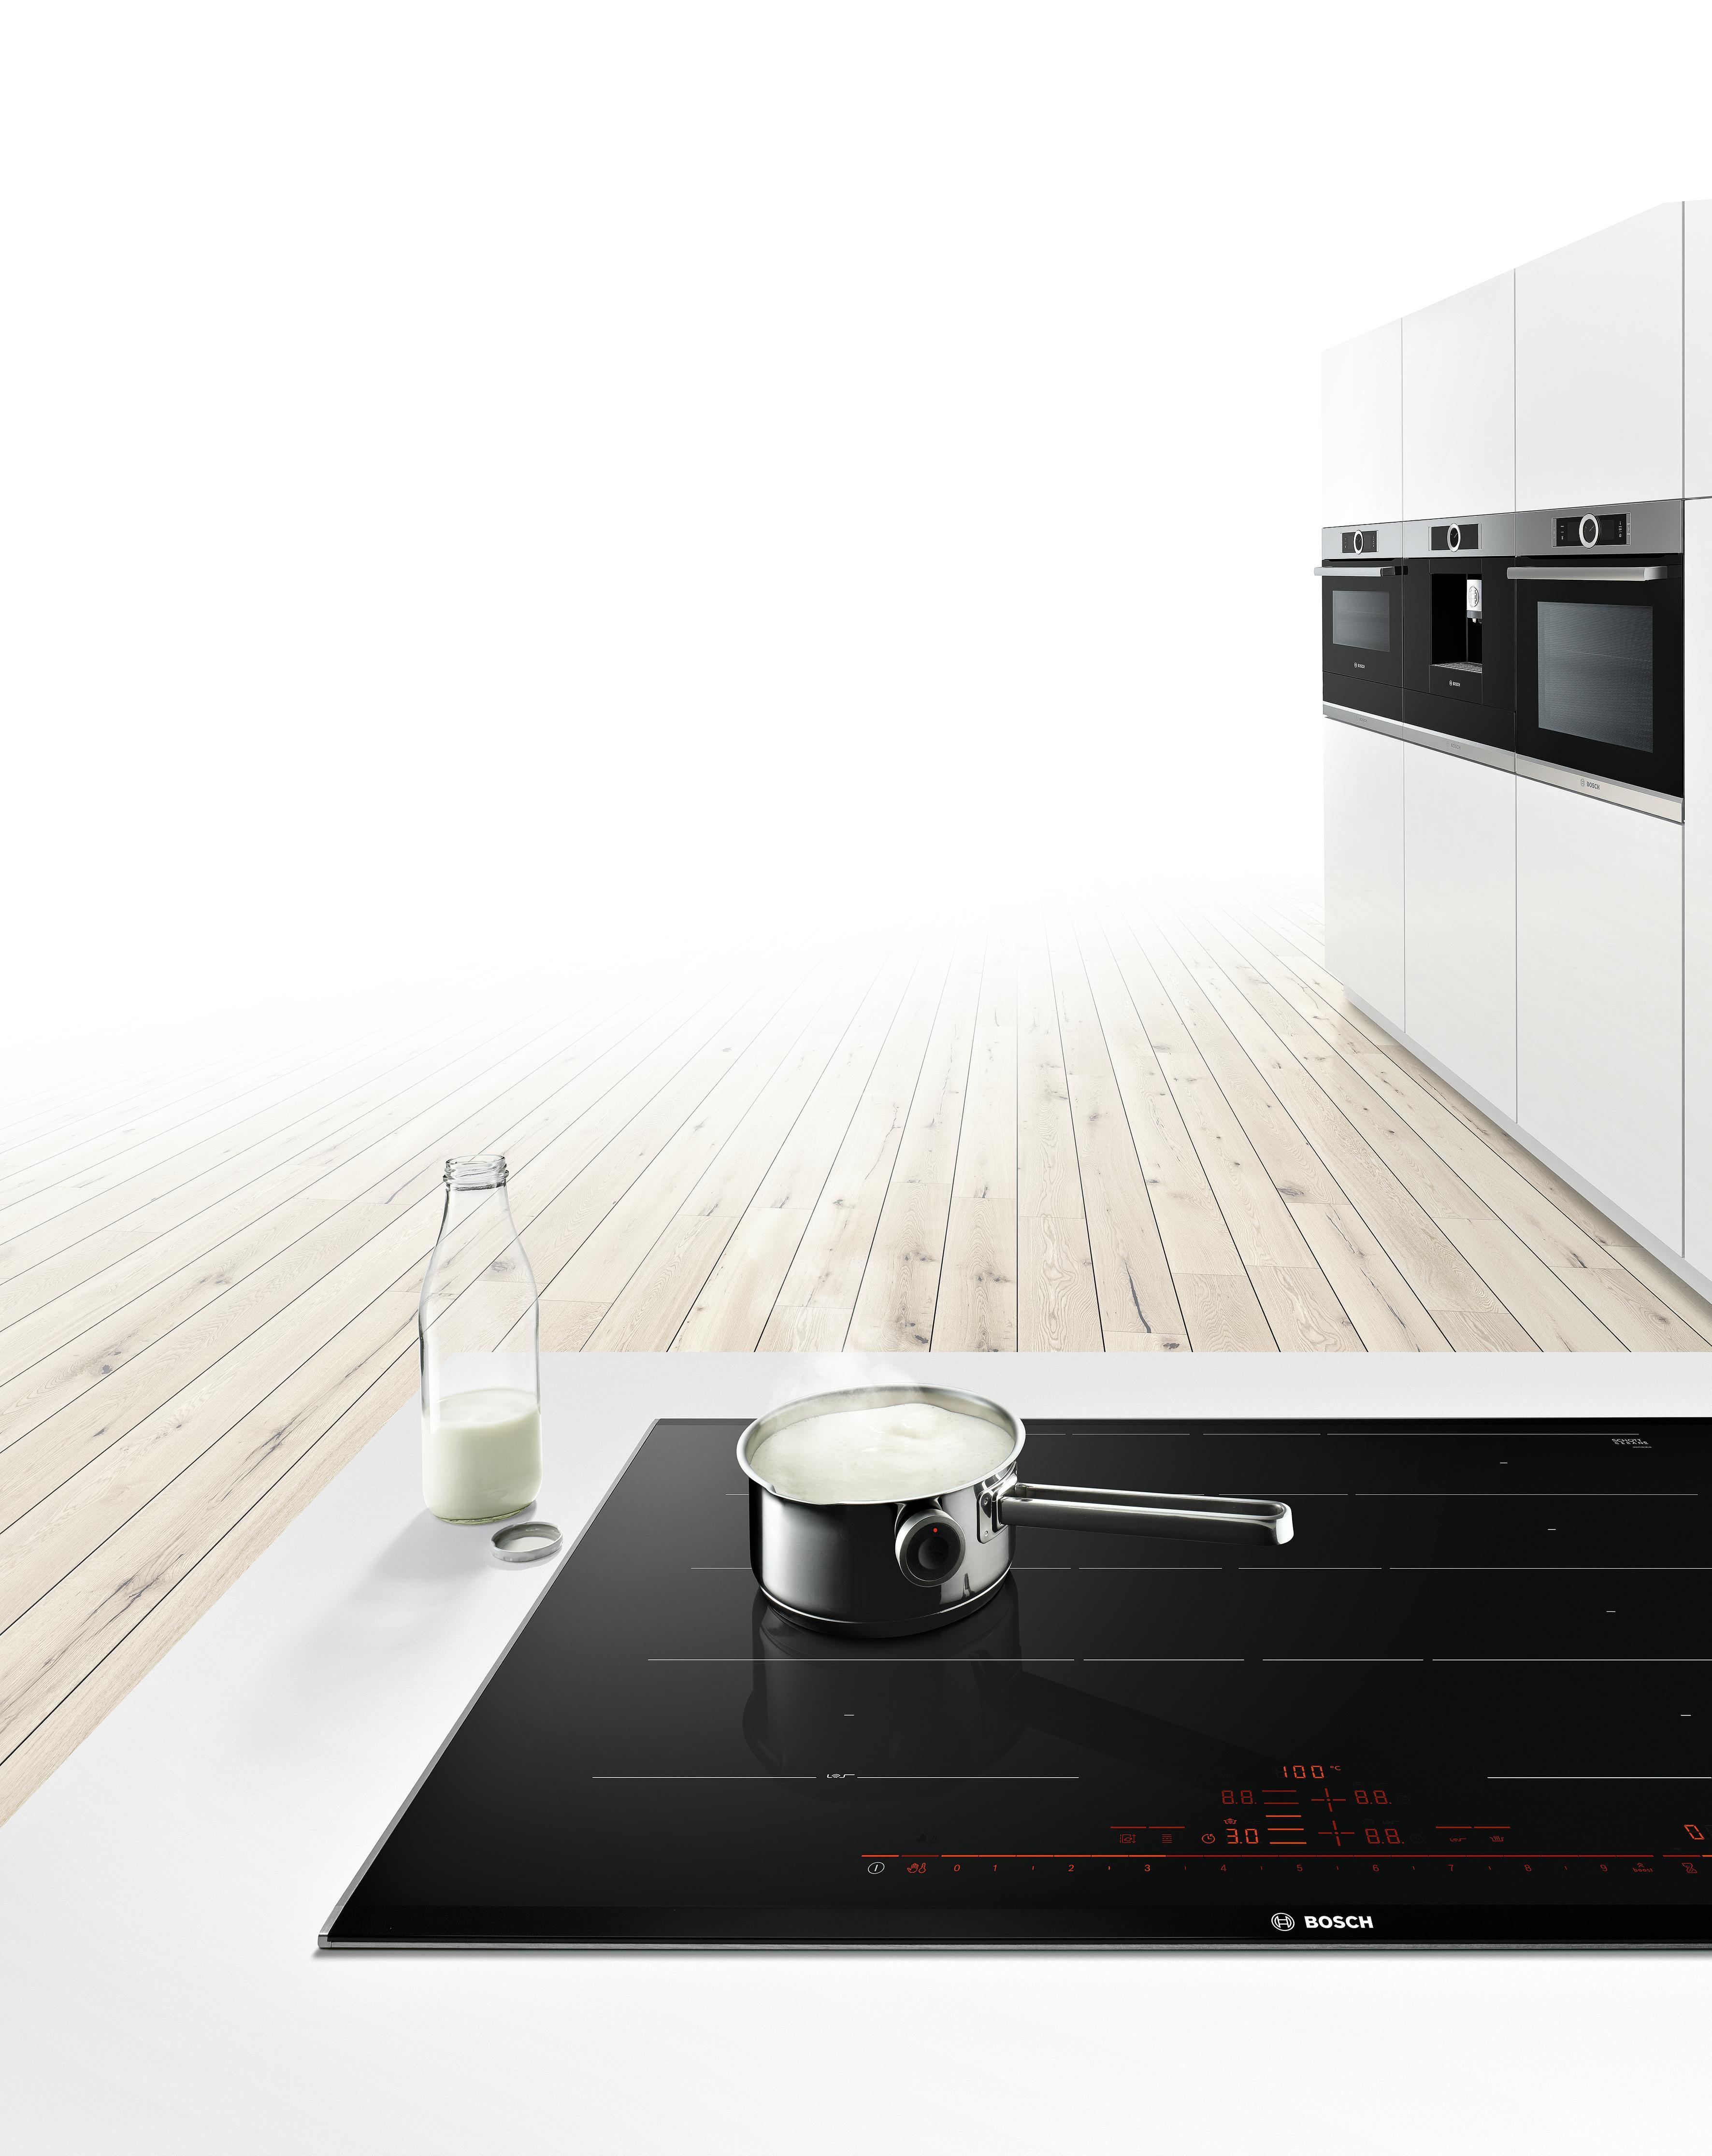 innovationen f r perfekte ergebnisse mit den neuen hausger ten von bosch besser kochen k hlen. Black Bedroom Furniture Sets. Home Design Ideas